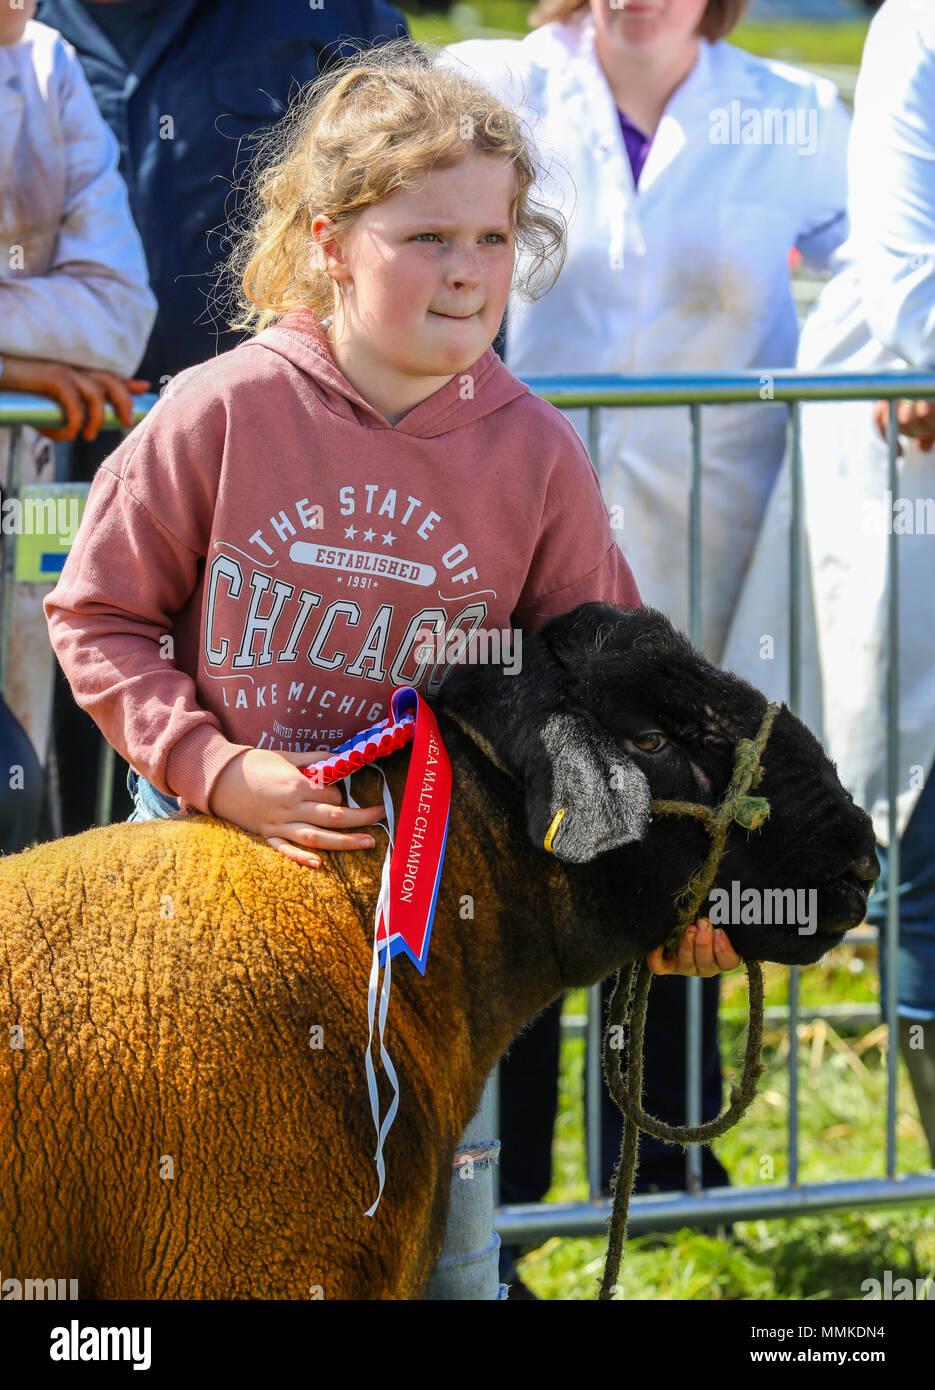 """Ayrshire, Regno Unito. Il 12 maggio 2018. In una calda e soleggiata giornata di maggio, annuale di contea di Ayr Show tenutosi a Ayr Race Course ha attratto centinaia di partecipanti ai concorsi di allevamento e anche migliaia di spettatori. Così come i soliti concorsi per bovini, ovini e pollame, non ci sono premi in palio per i vincitori del maschio e femmina """" i giovani agricoltori rimorchiatore di guerra """" la concorrenza e per il miglior decorate autocarro Credito: Findlay/Alamy Live News Foto Stock"""